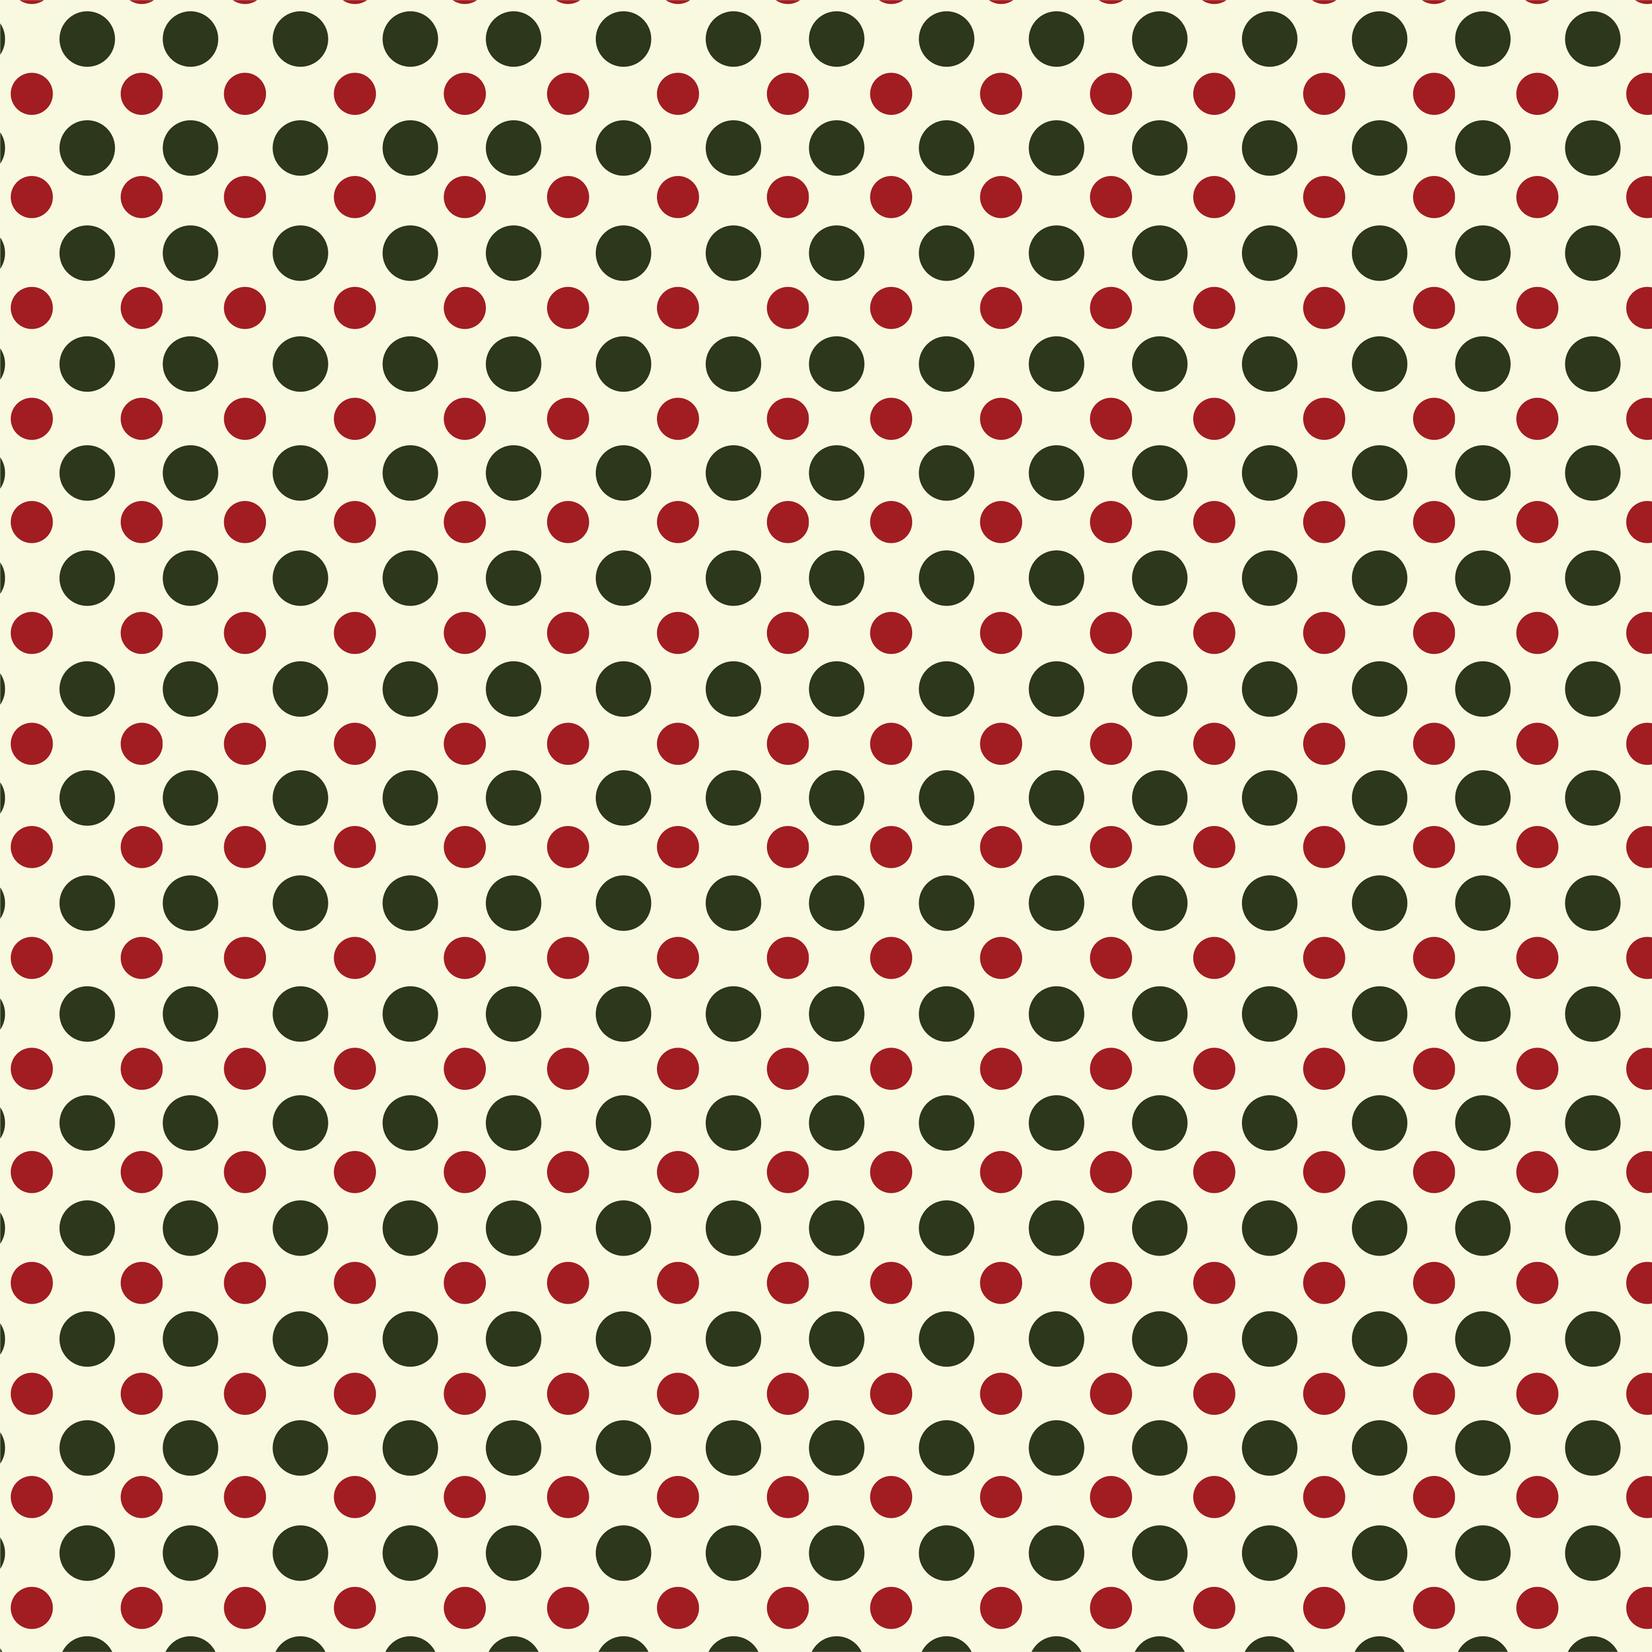 TVD Christmas Dots